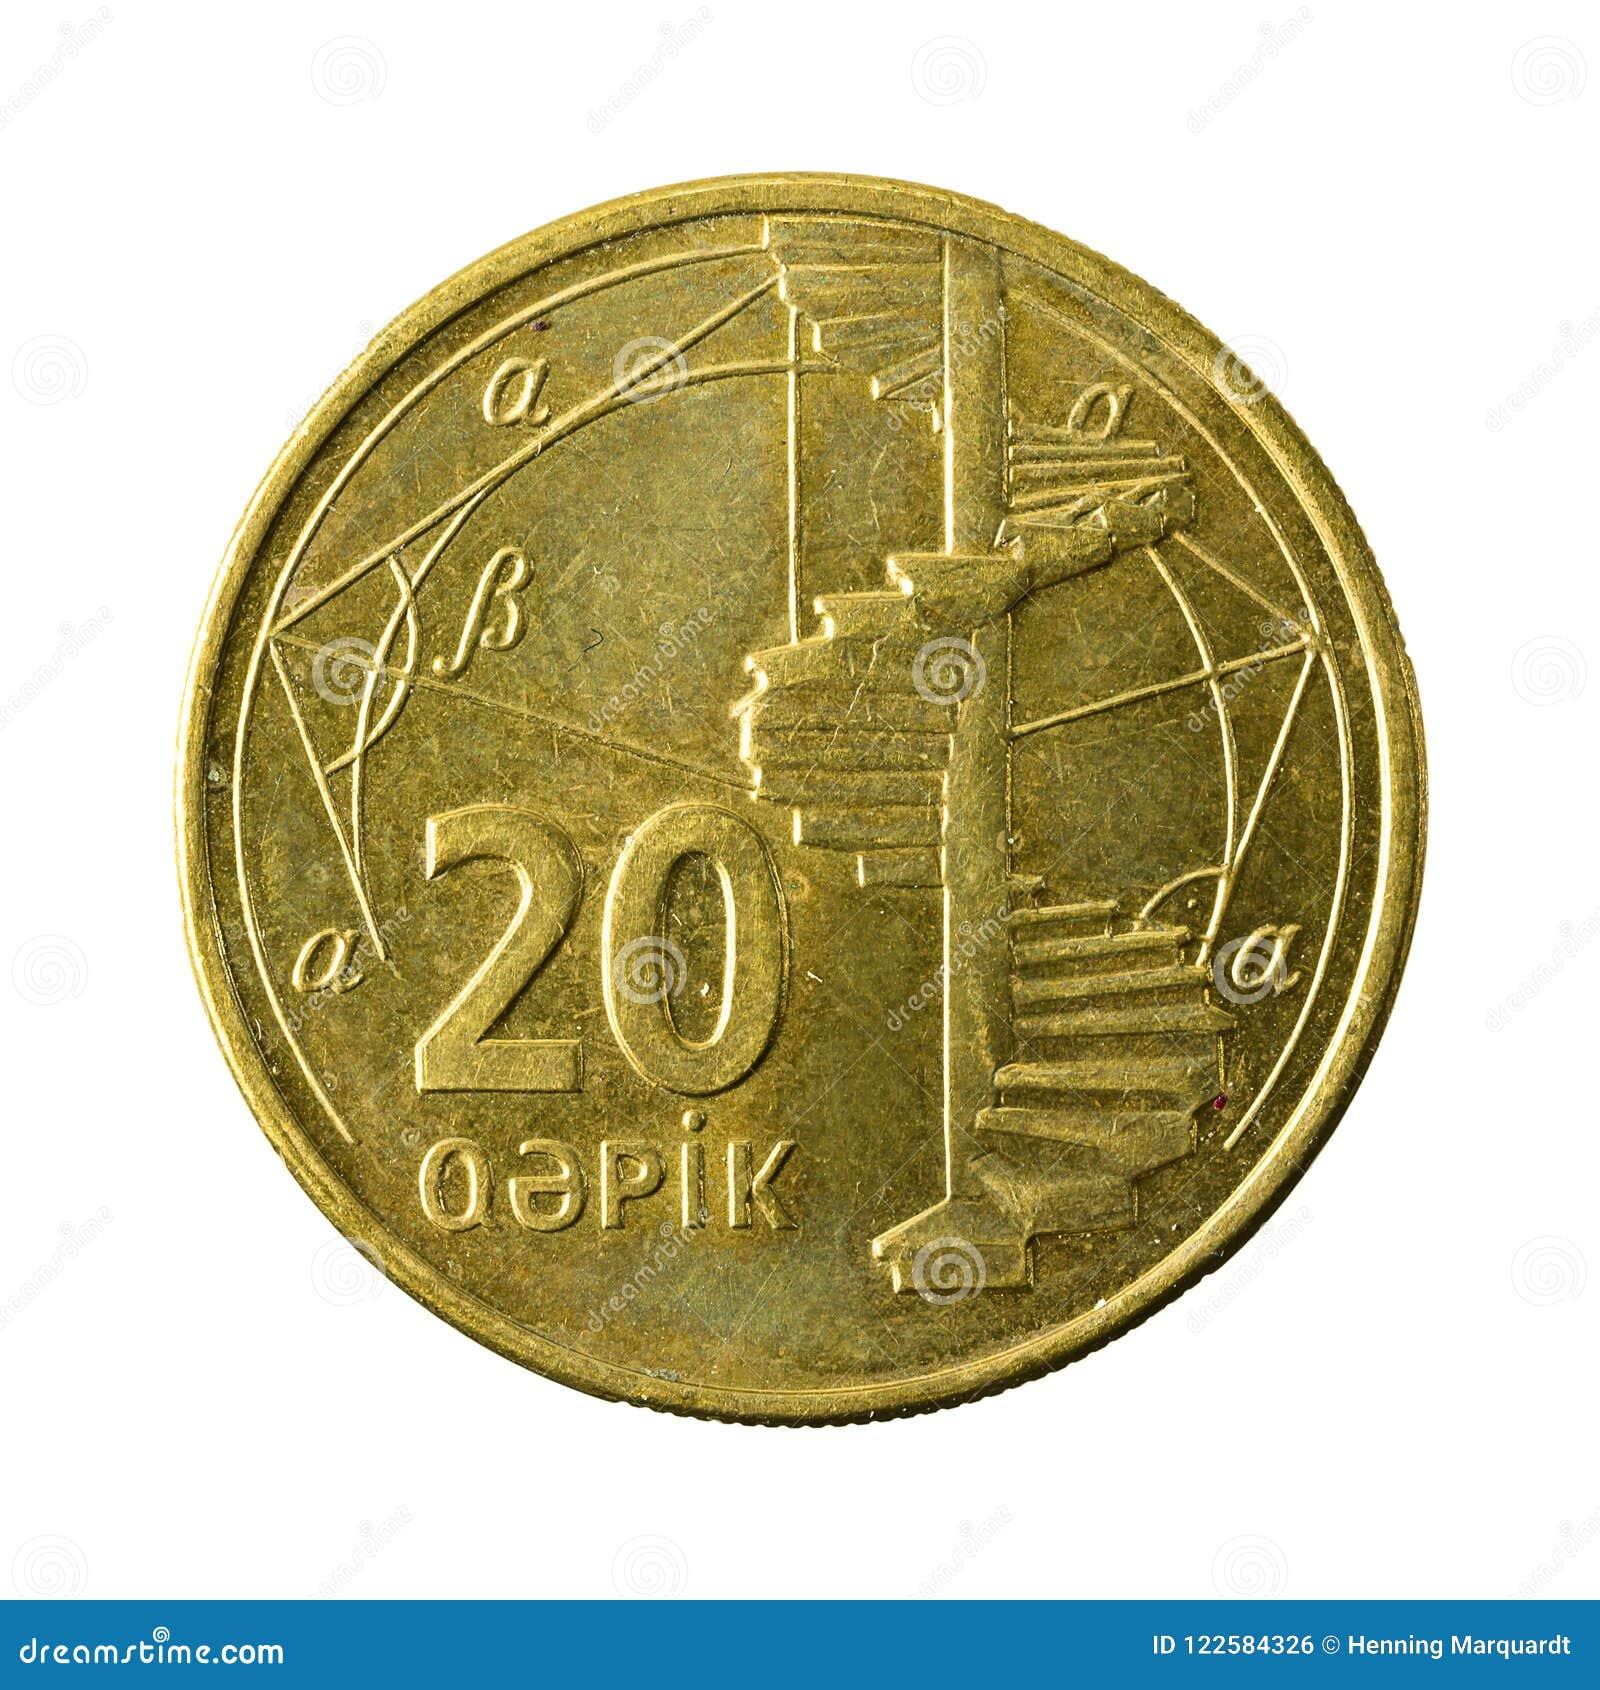 20 azerbaijani qepik coin obverse